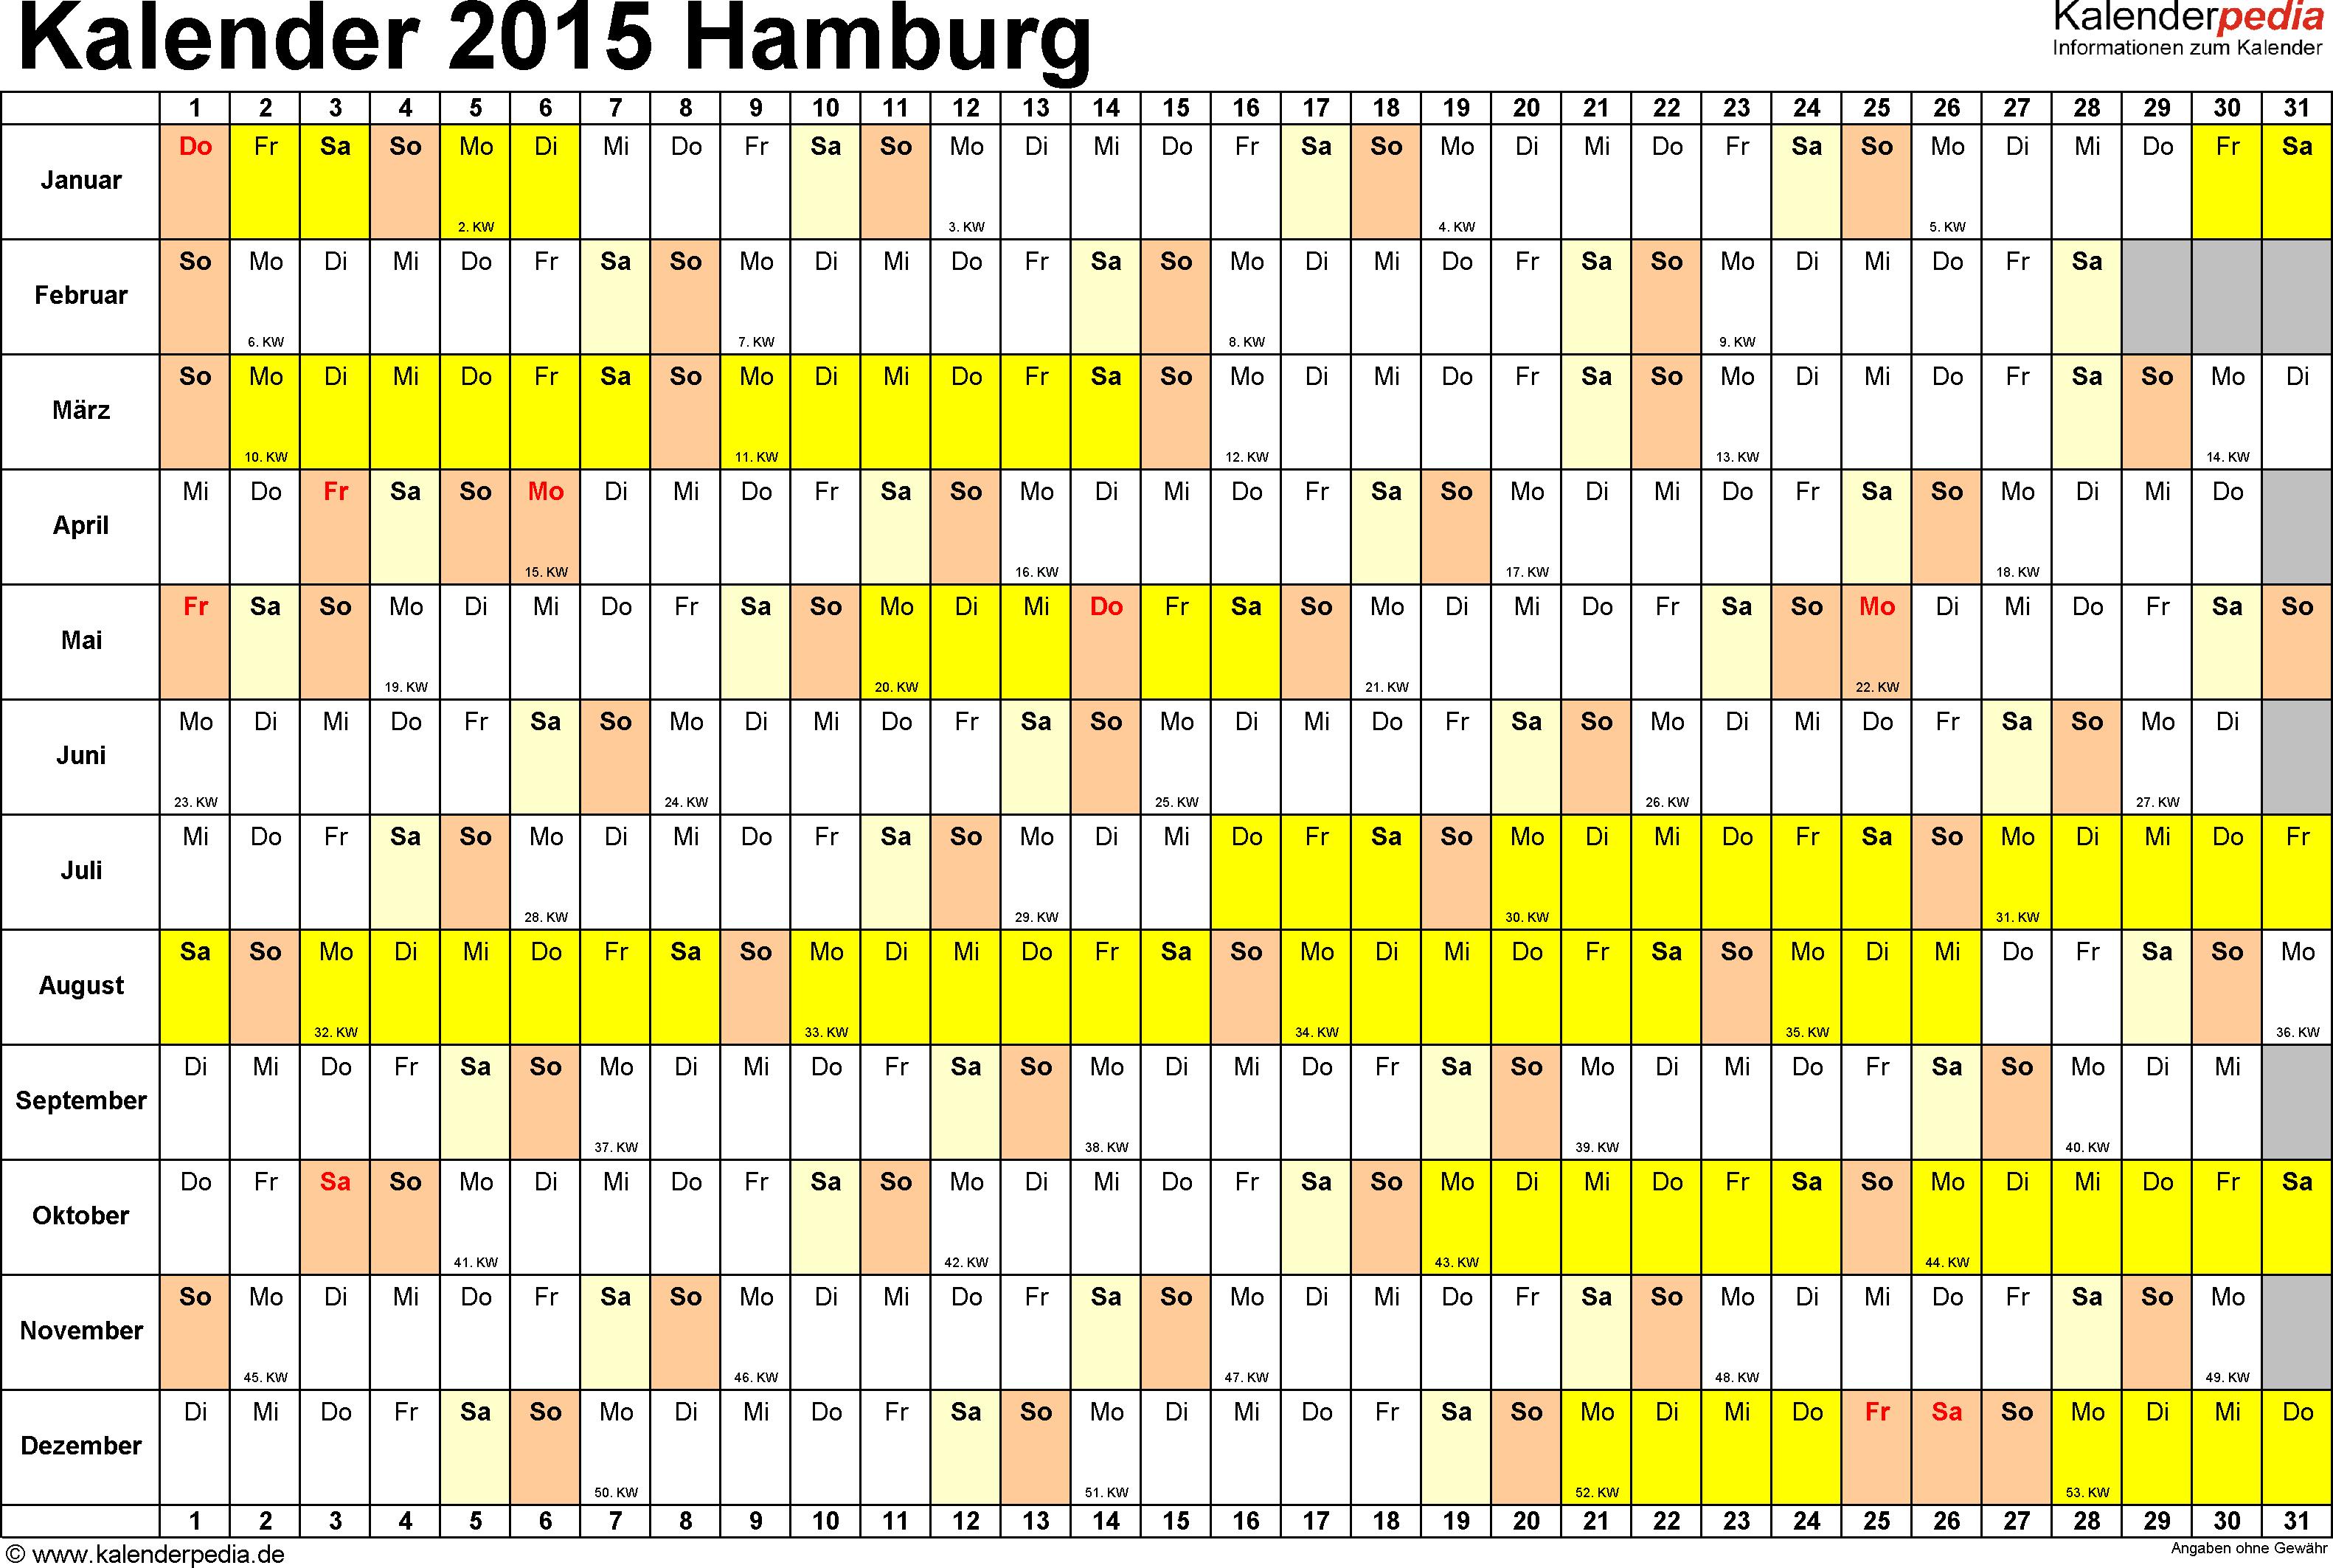 Vorlage 3: Kalender Hamburg 2015 im Querformat, Tage nebeneinander